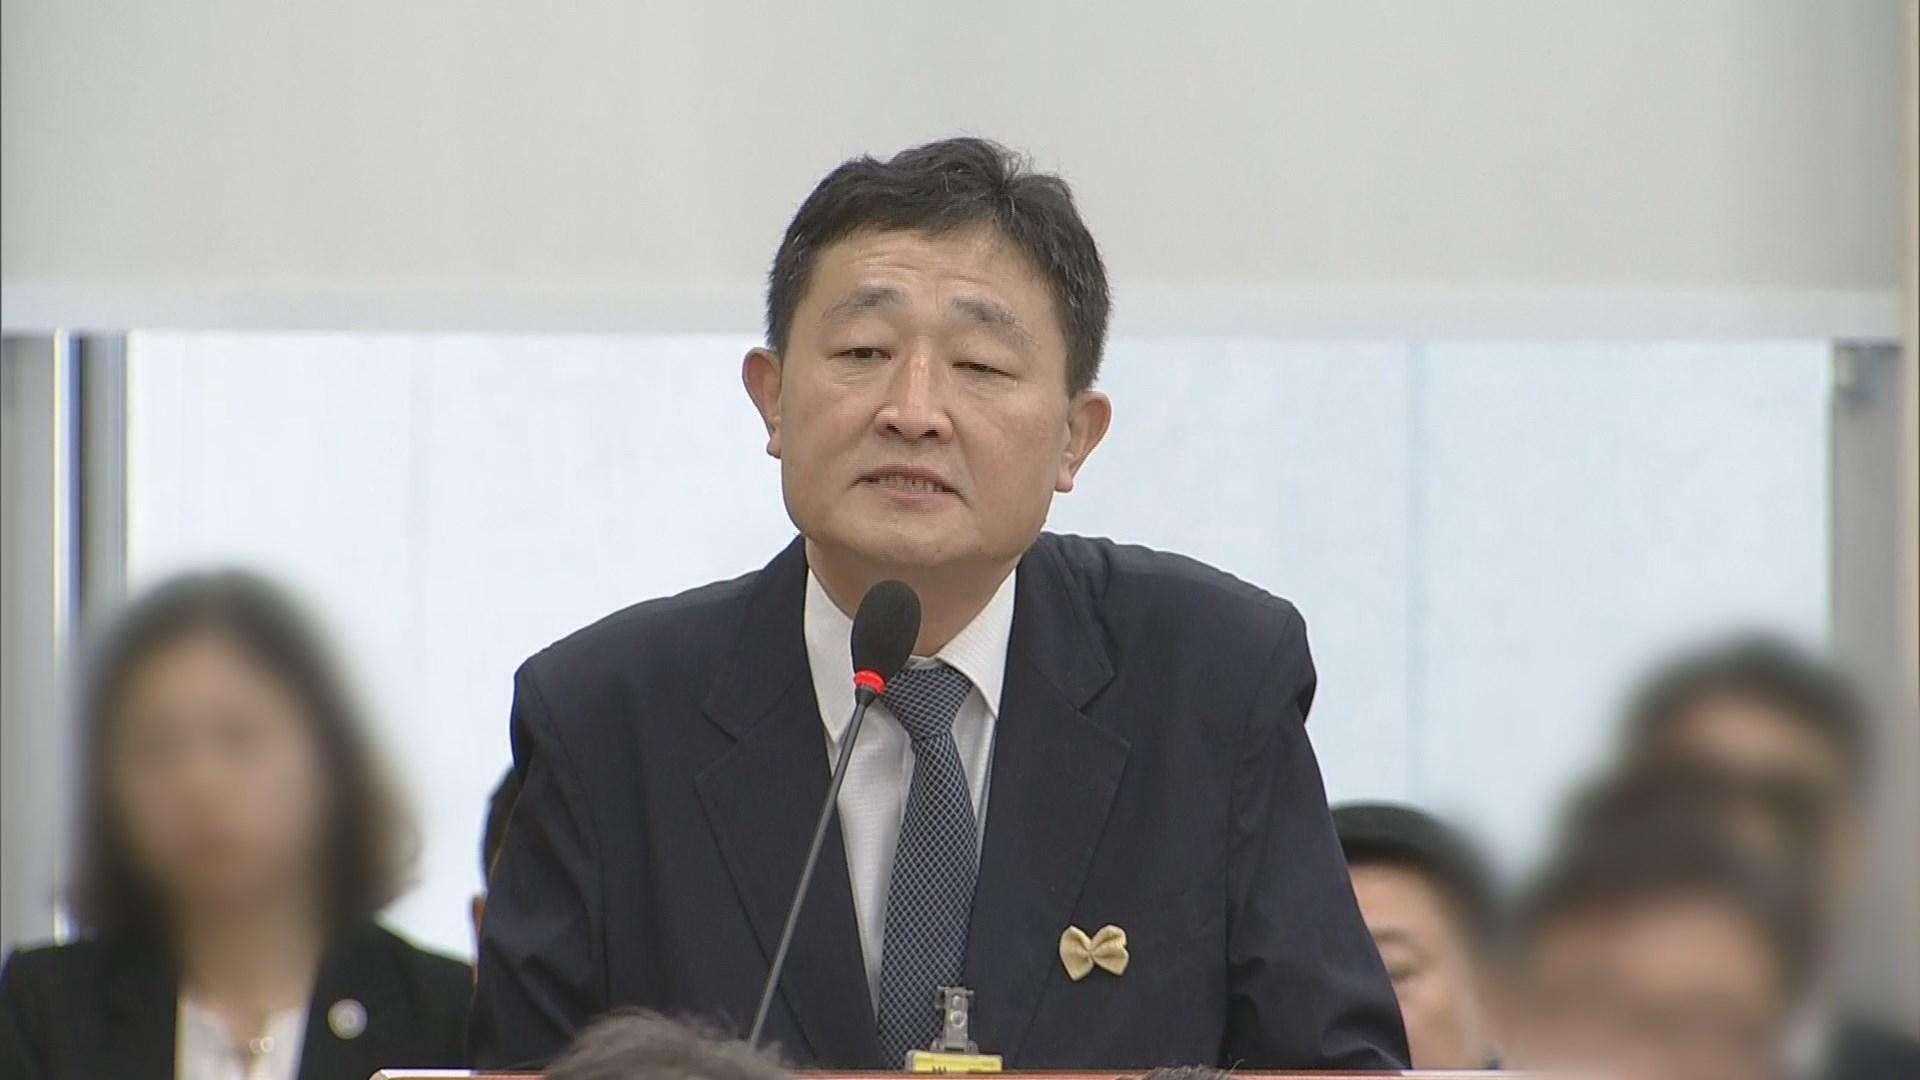 '납품청탁 의혹' 운동권 출신 허인회 구속